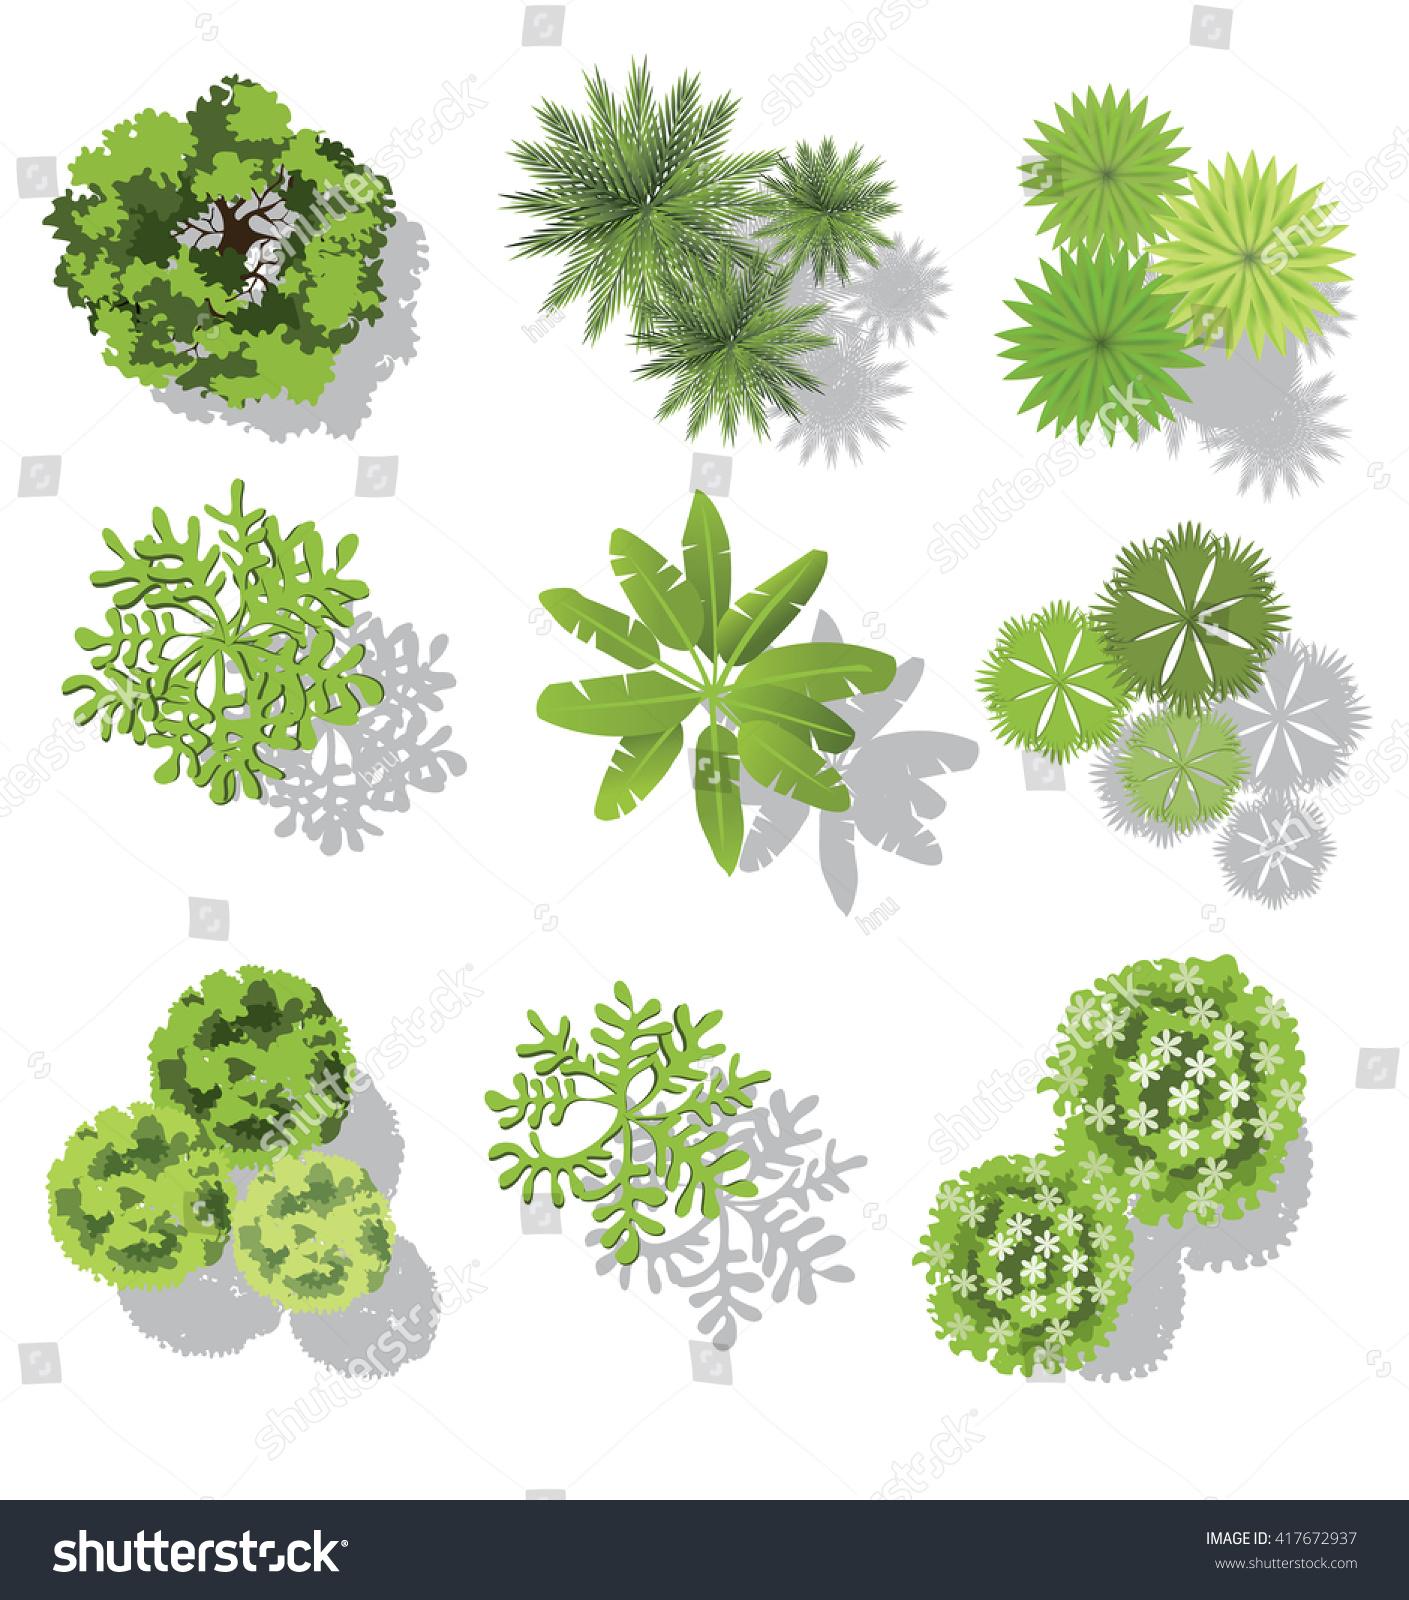 Set Of Treetop Symbols For Architectural Or Landscape Design For Map